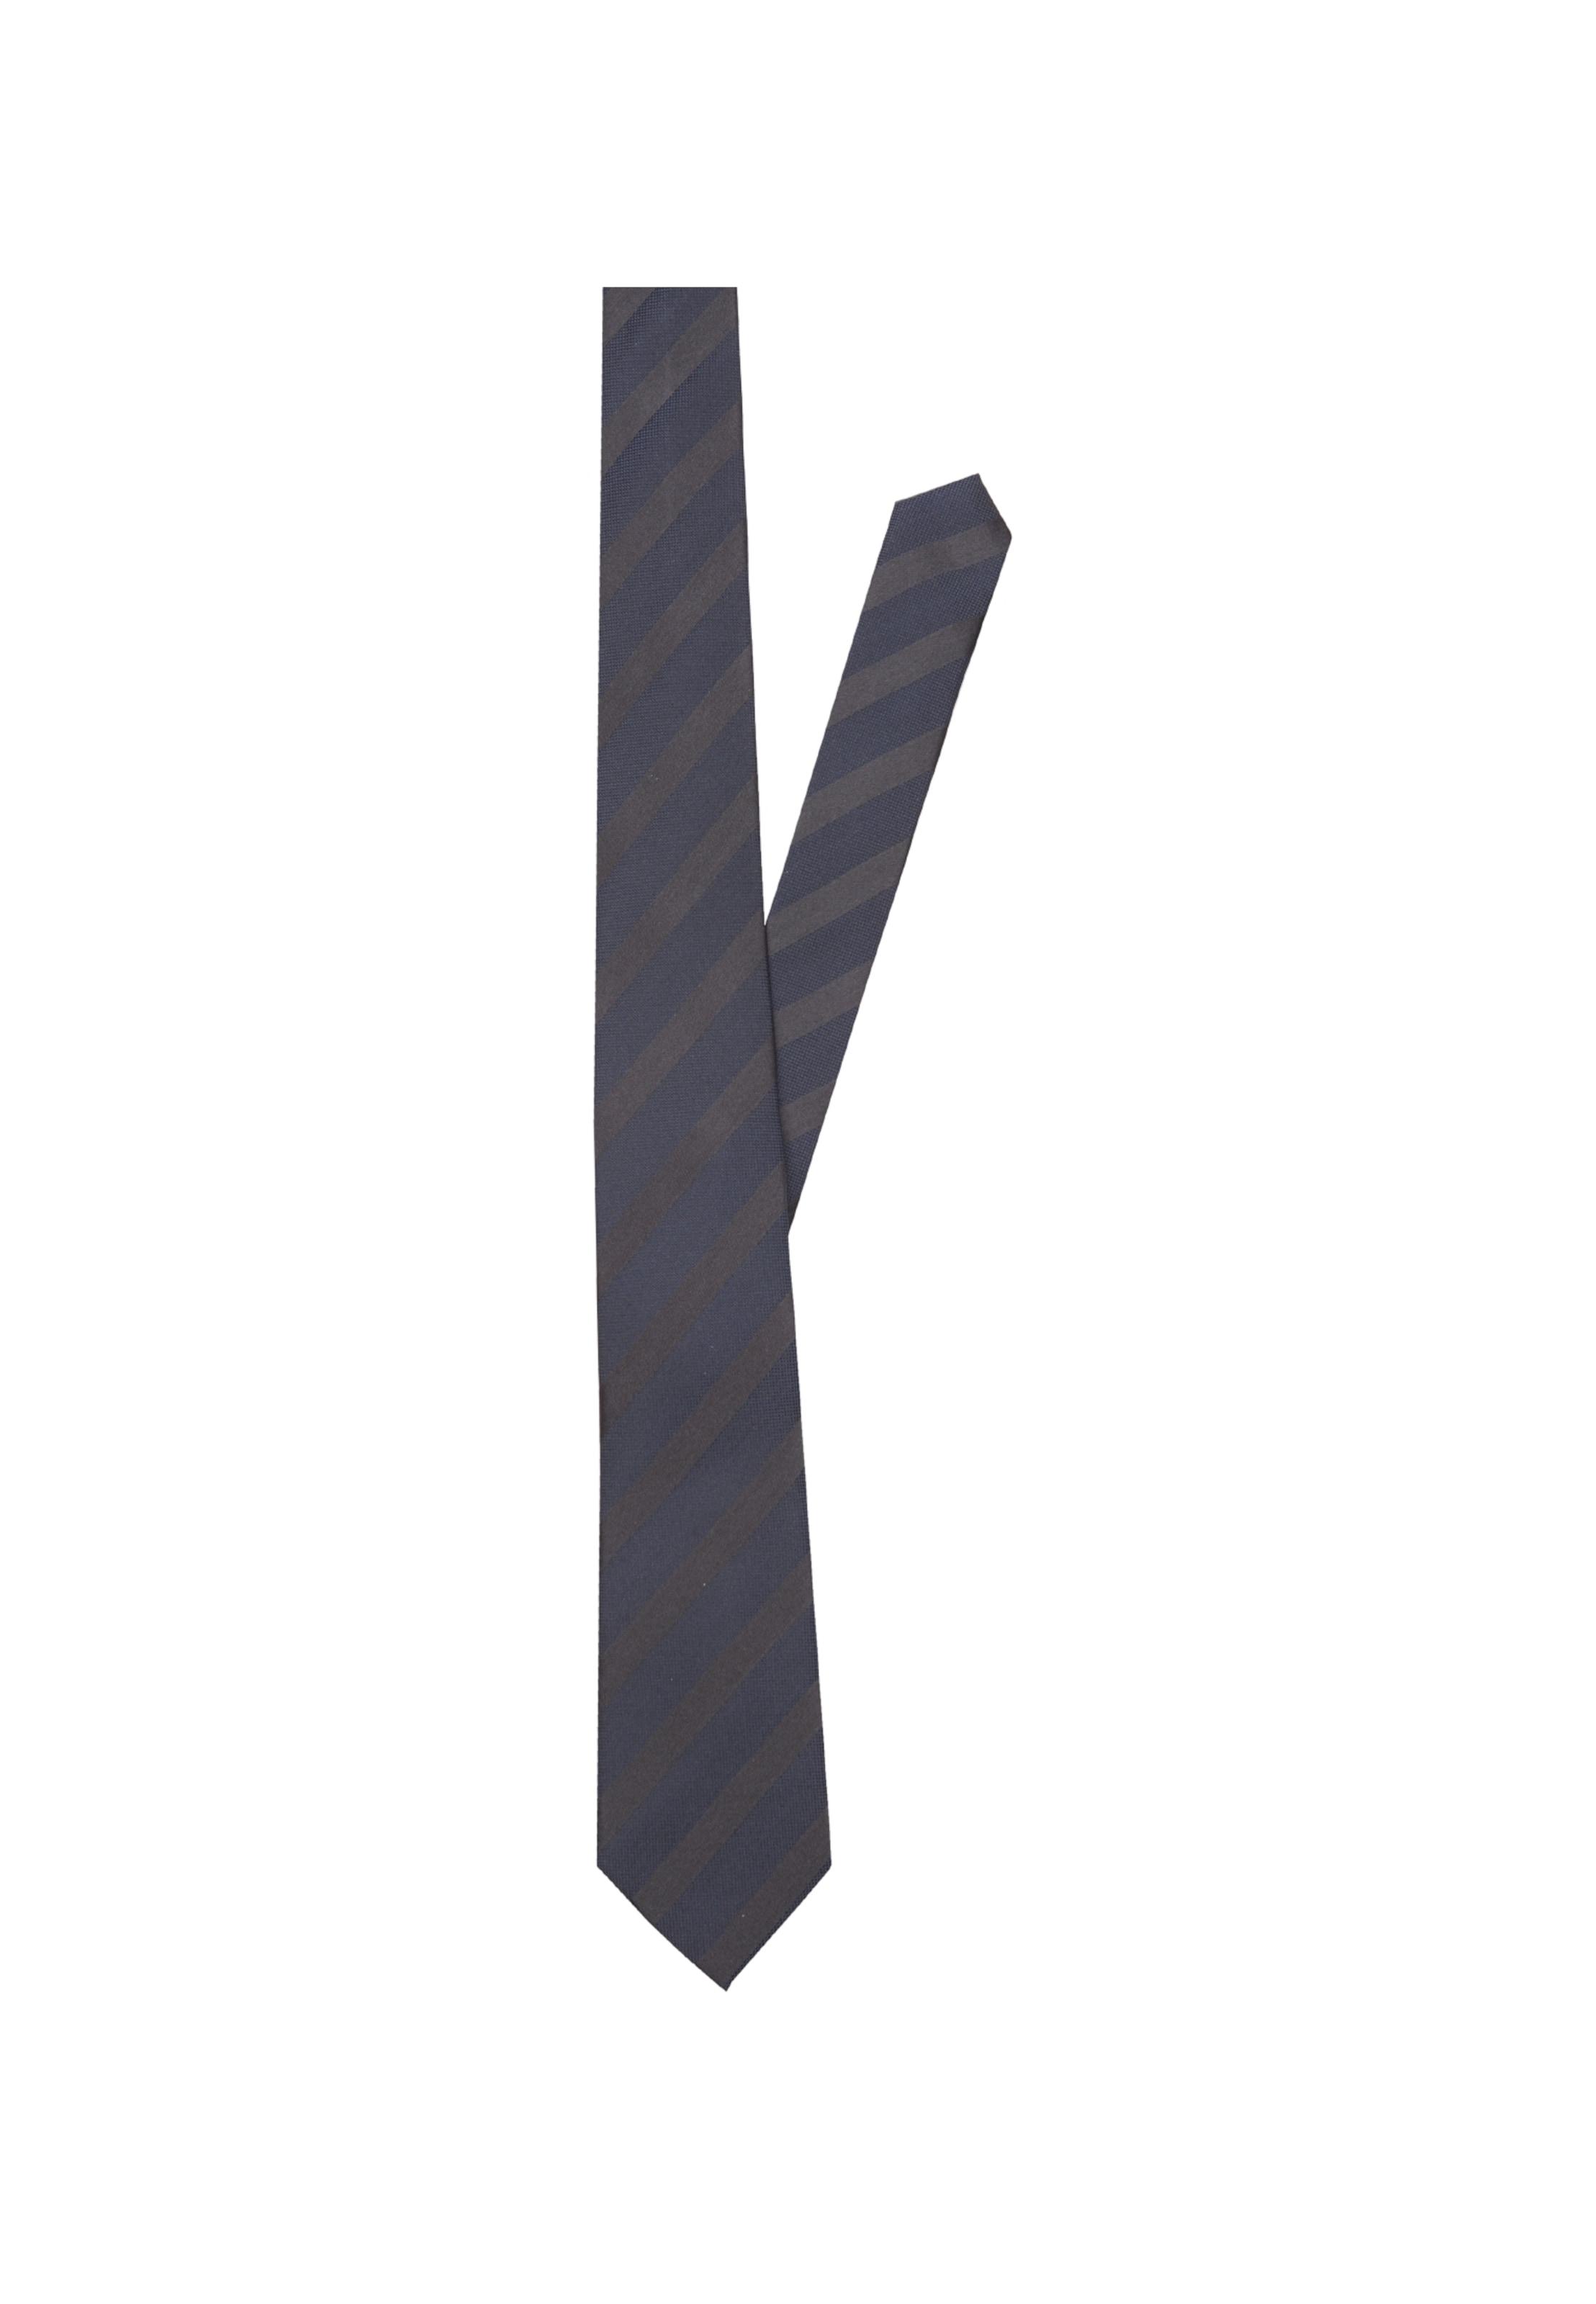 In Seidensticker Rose' Krawatte 'schwarze DunkelblauDunkelgrau 0v8nywmNO